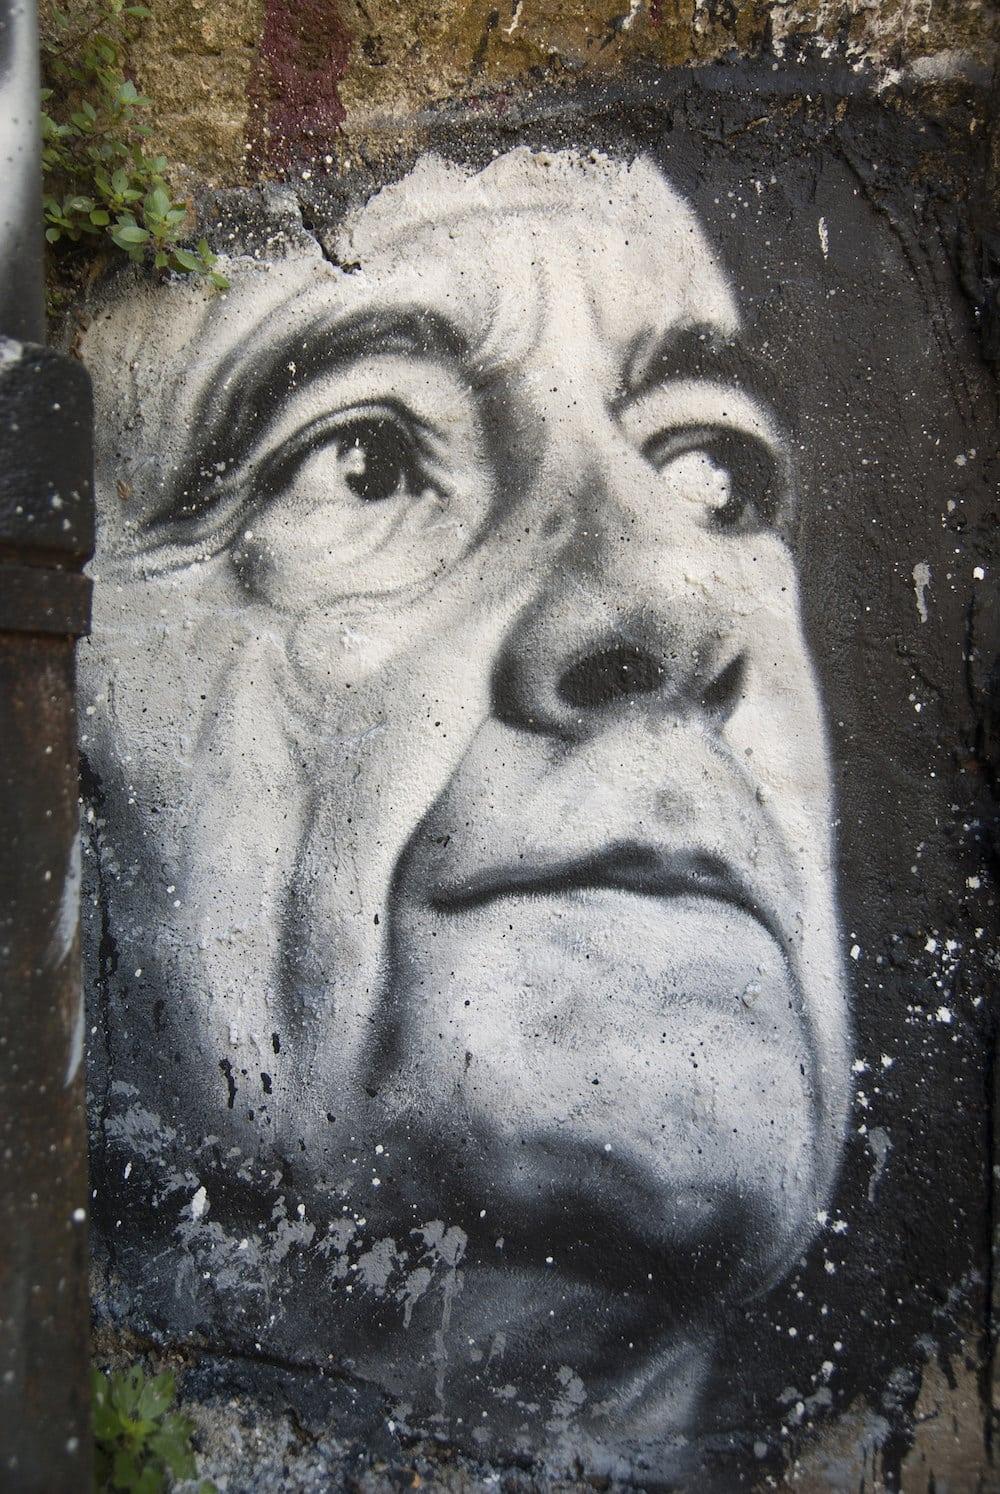 Portrait d'Alain Juppé peint sur «La Demeure du Chaos» de Saint-Romain-au-Mont-d'Or. CC 999 Demeure du Chaos